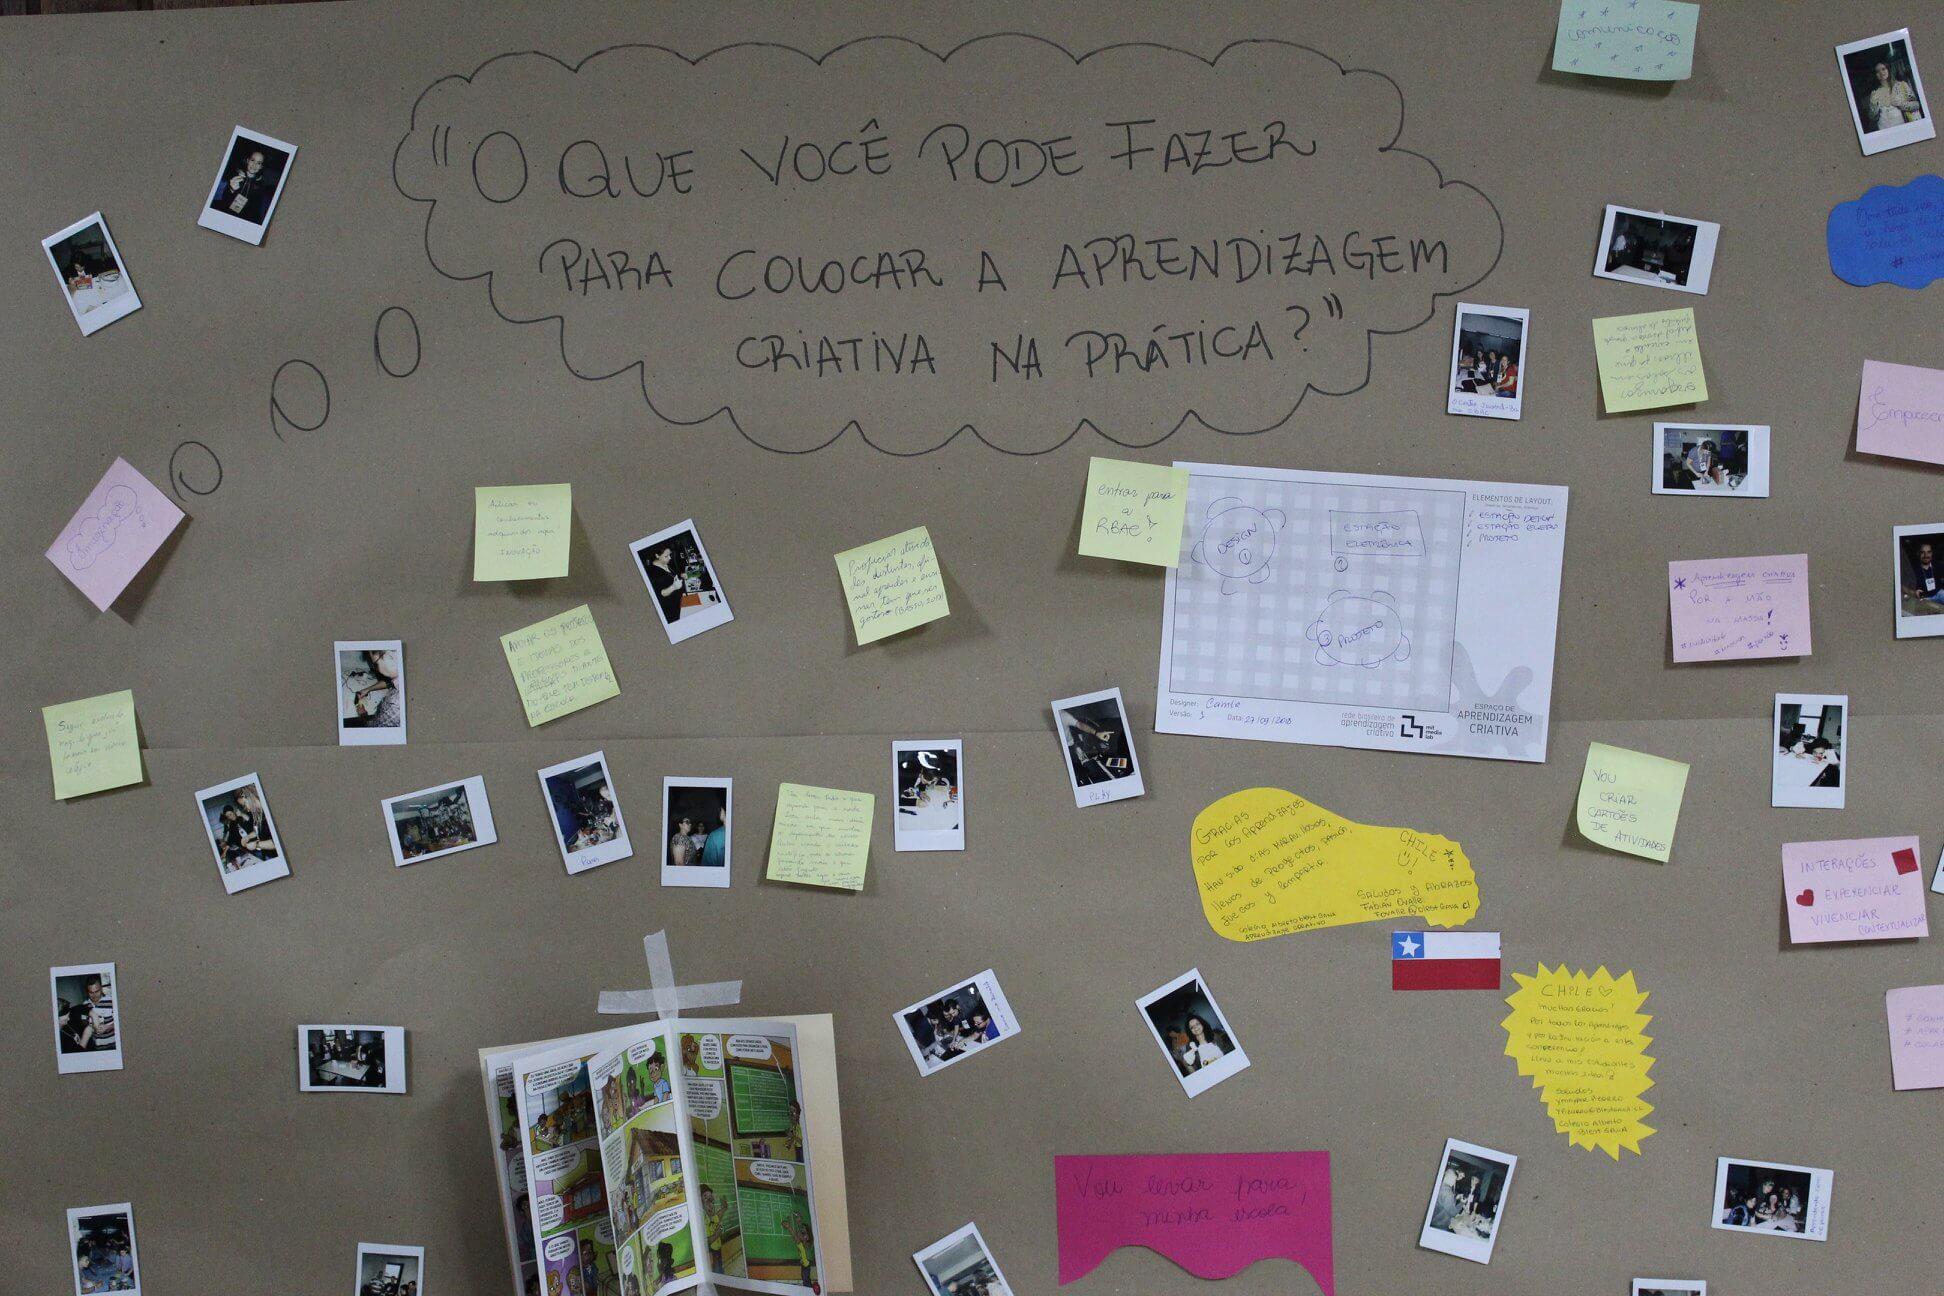 1ª Conferência Brasileira de Aprendizagem Criativa